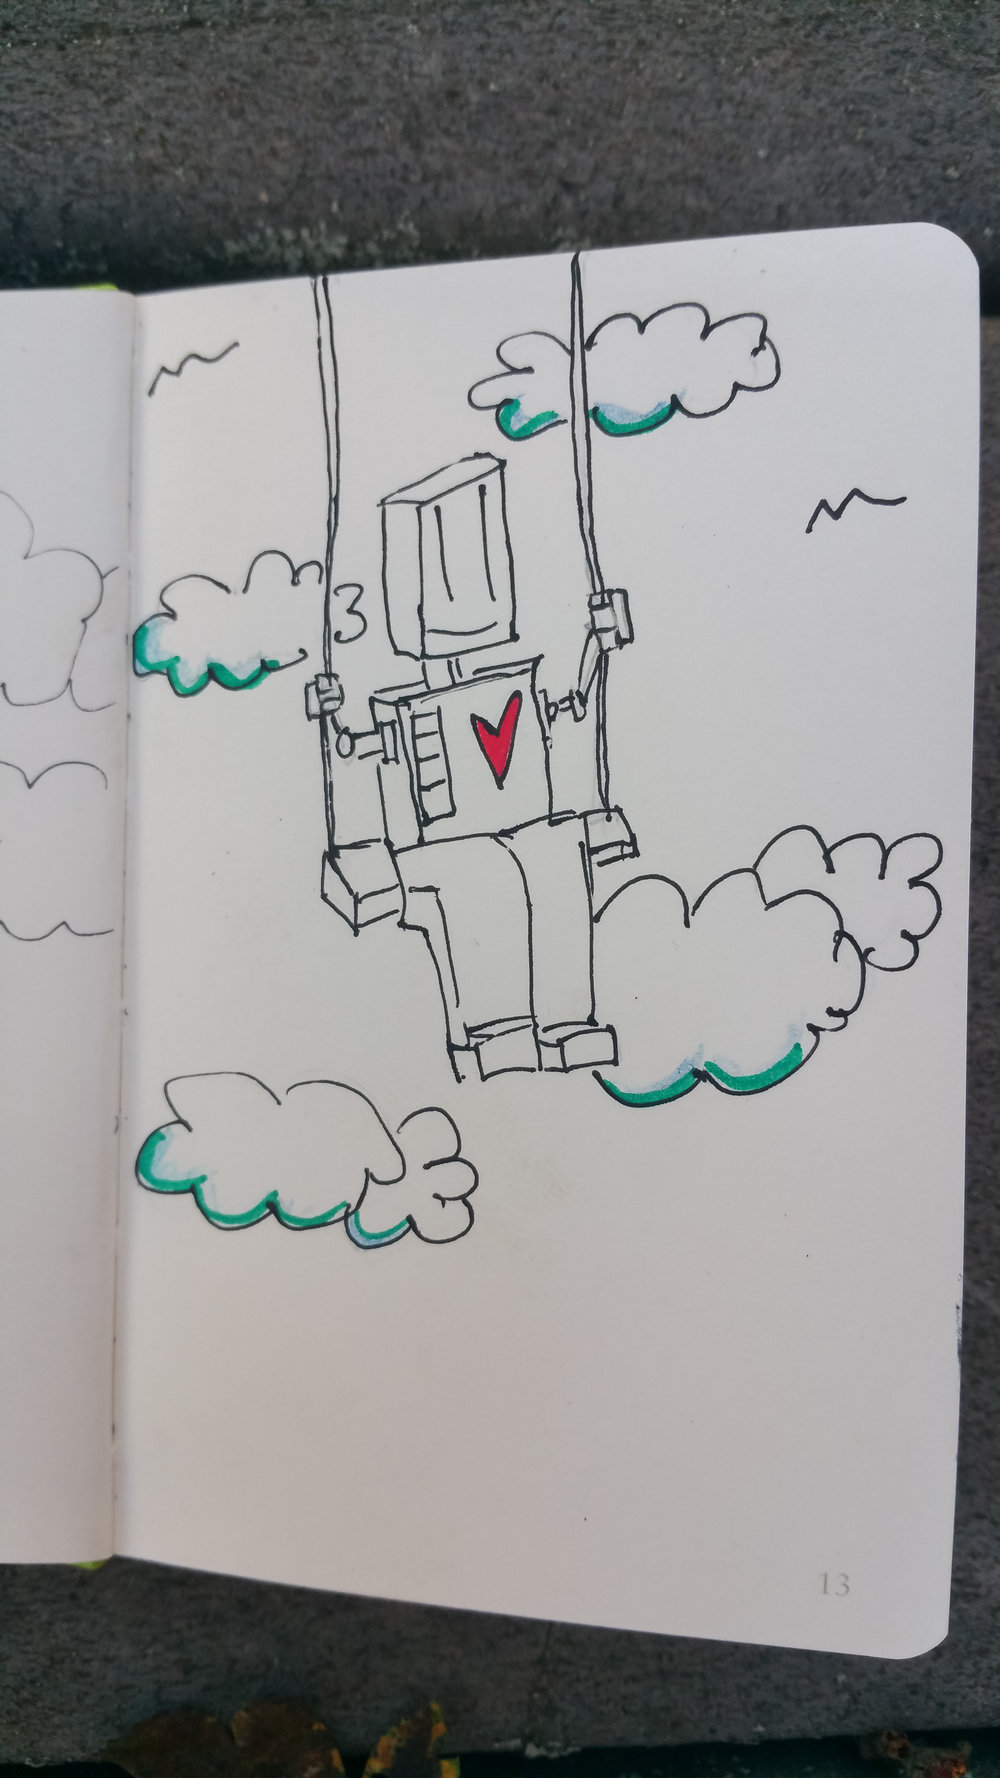 Sept 27, 2017 robot #20/365